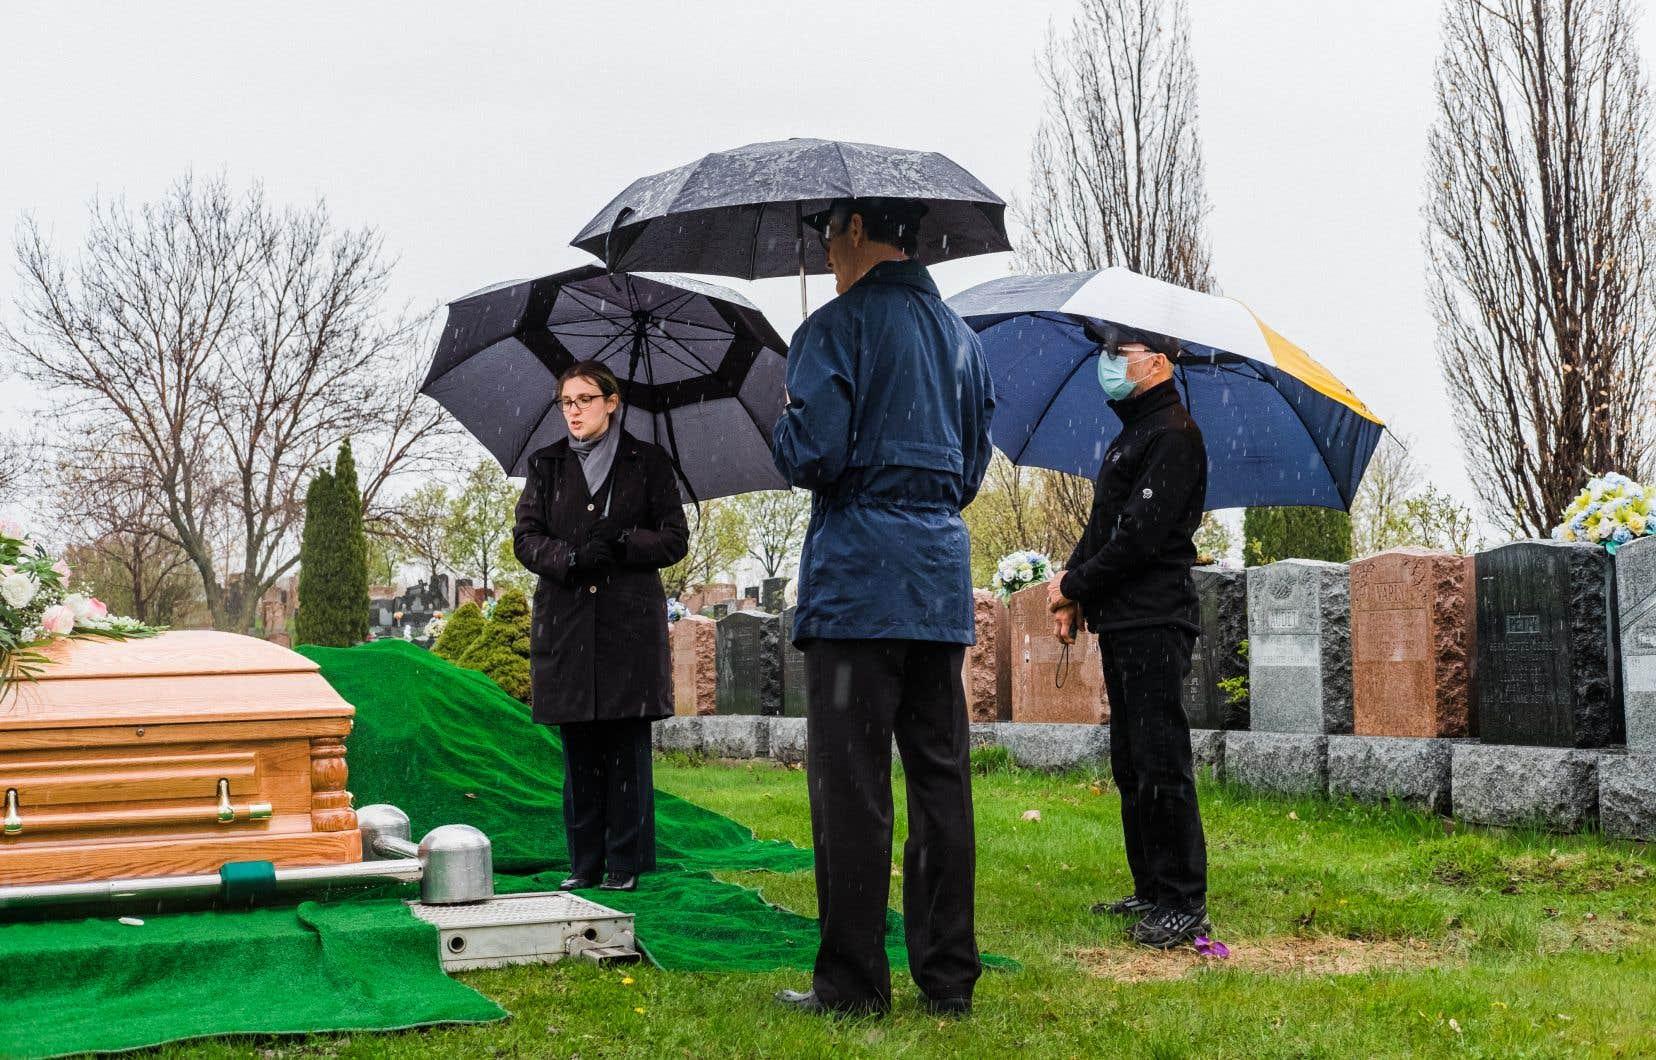 Louis et Claude Desrosiers ont dû rendre hommage à leur mère sans pouvoir être entourés de leur famille afin de respecter les règles de distanciation en vigueur, lors de notre passage au cimetière Le Repos Saint-François-d'Assise, à Montréal.